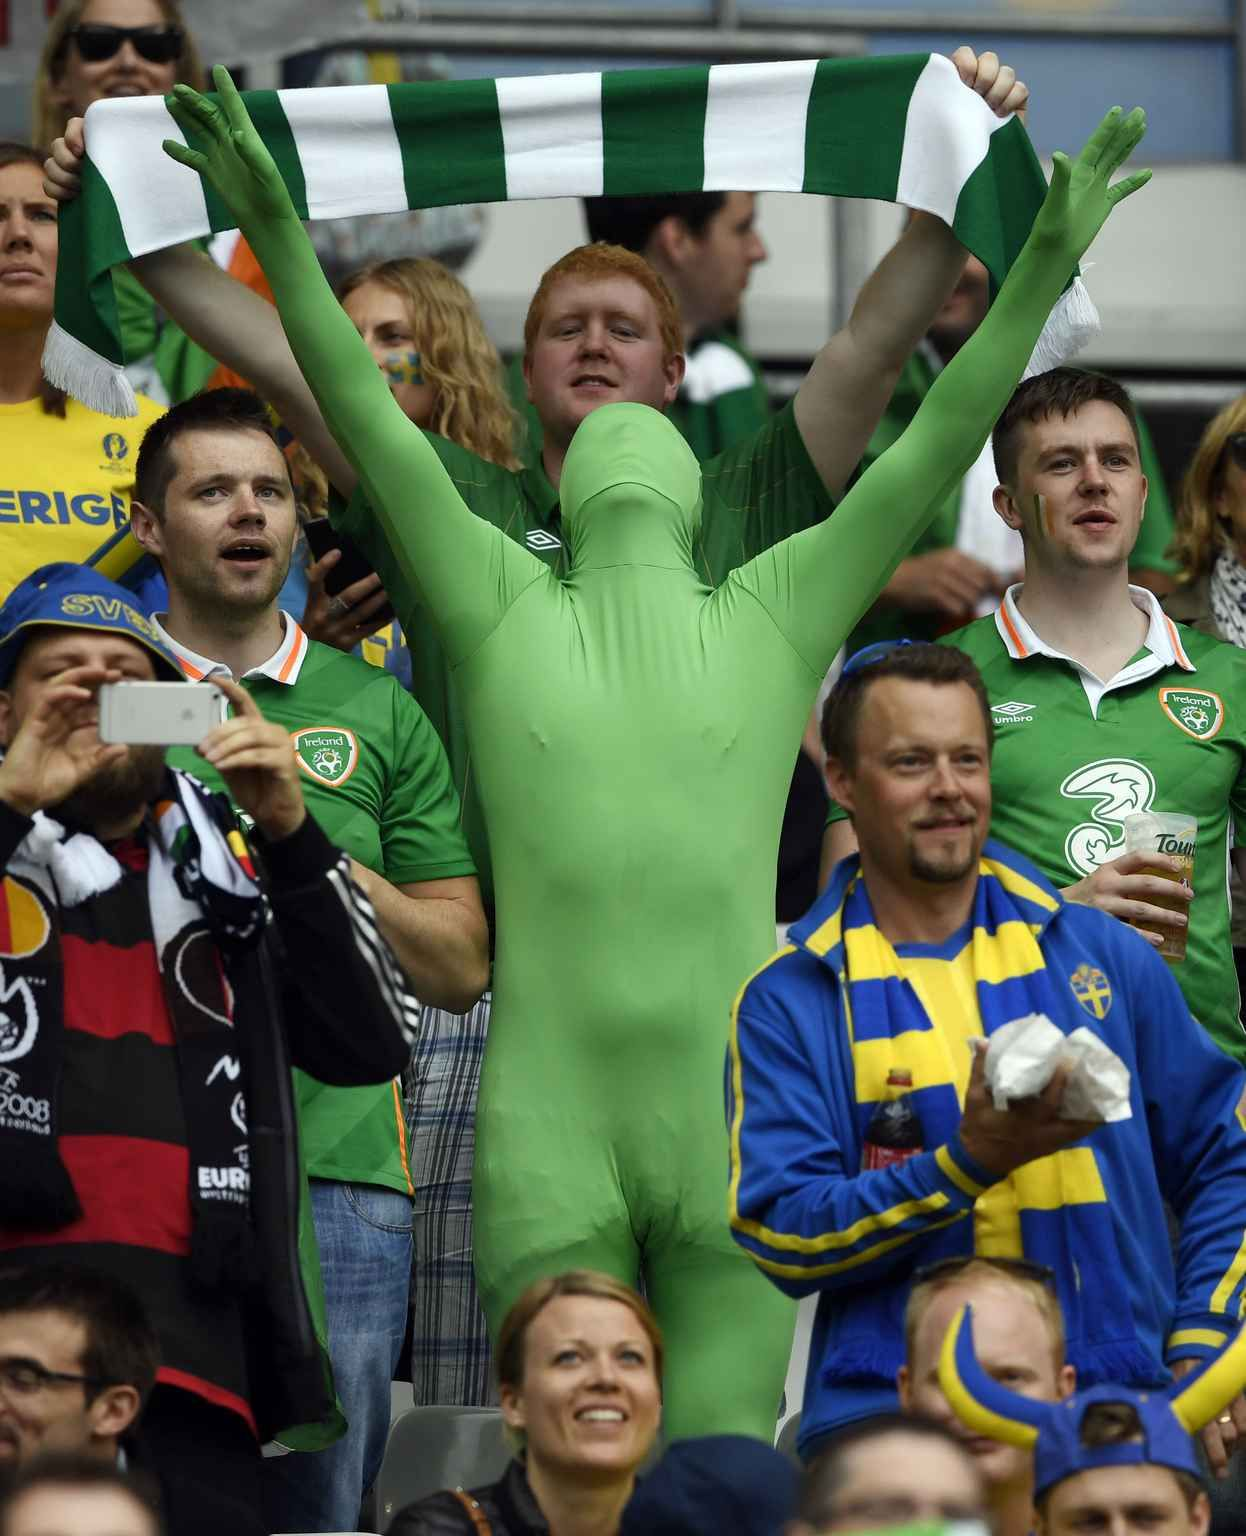 Euro 2016 Les supporters en folie Stade de france